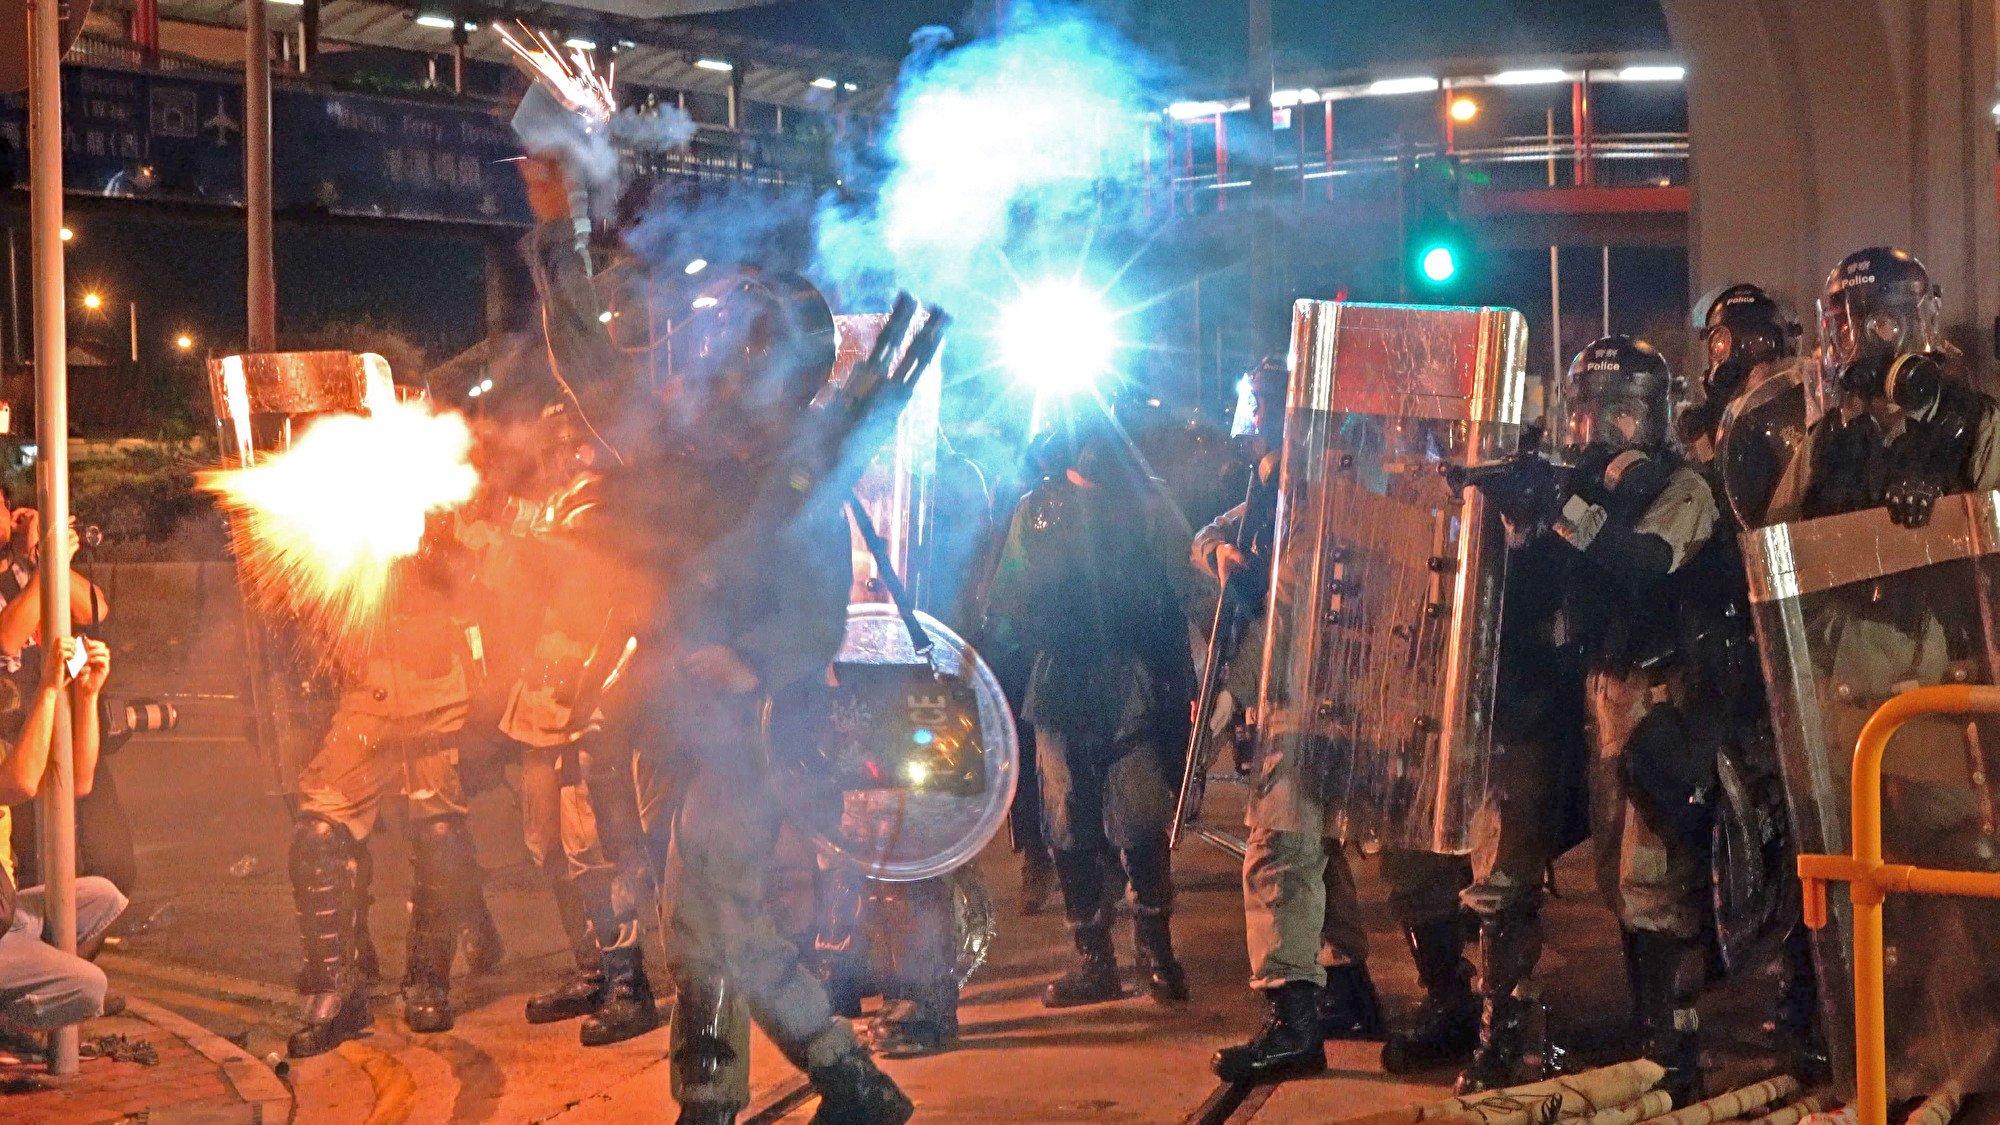 警察過份使用武力是導致民怨沸騰的其中一個原因。圖為7月28日夜,警察狂射催淚彈等驅趕示威者。(李逸/大紀元)